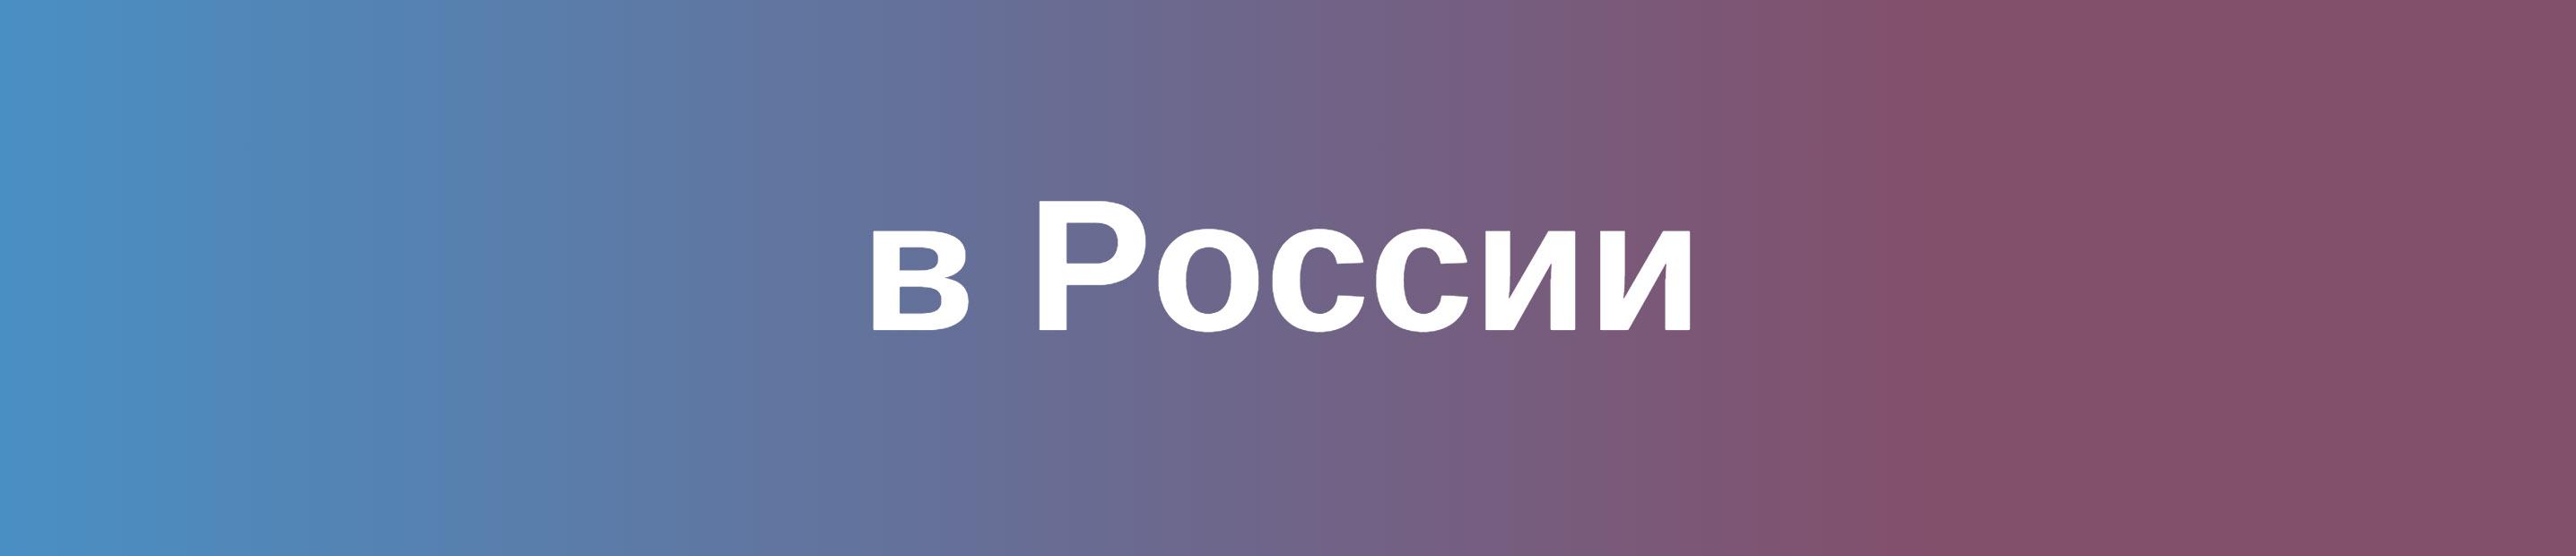 Статистика трансплантация Россия